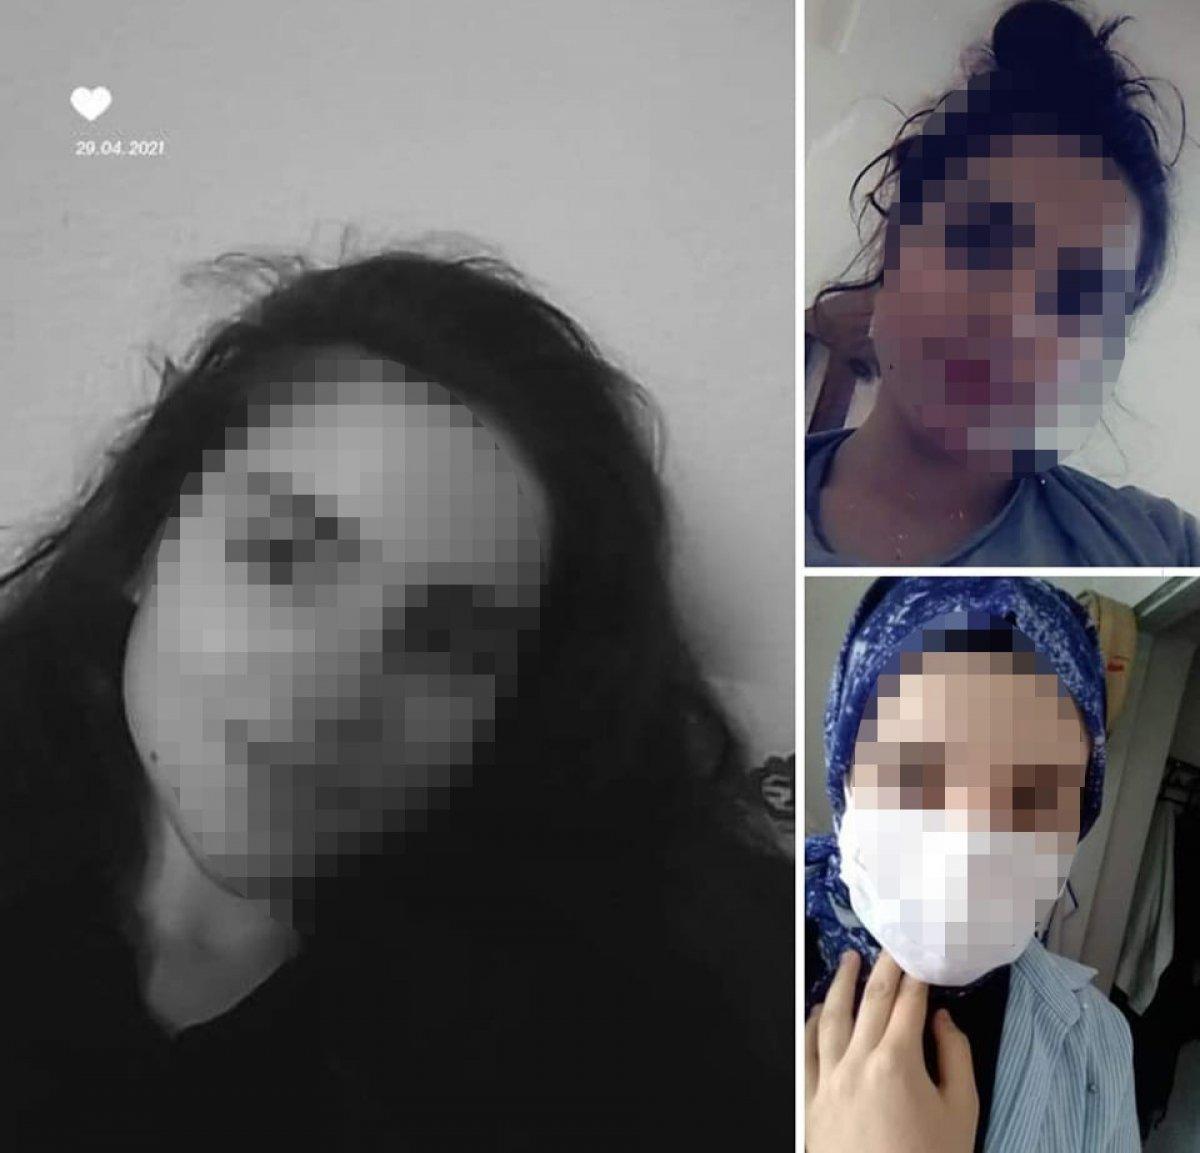 Kayseri de evli olan bir şahıs, sosyal medyadan tanıştığı kızı kaçırdı  #5